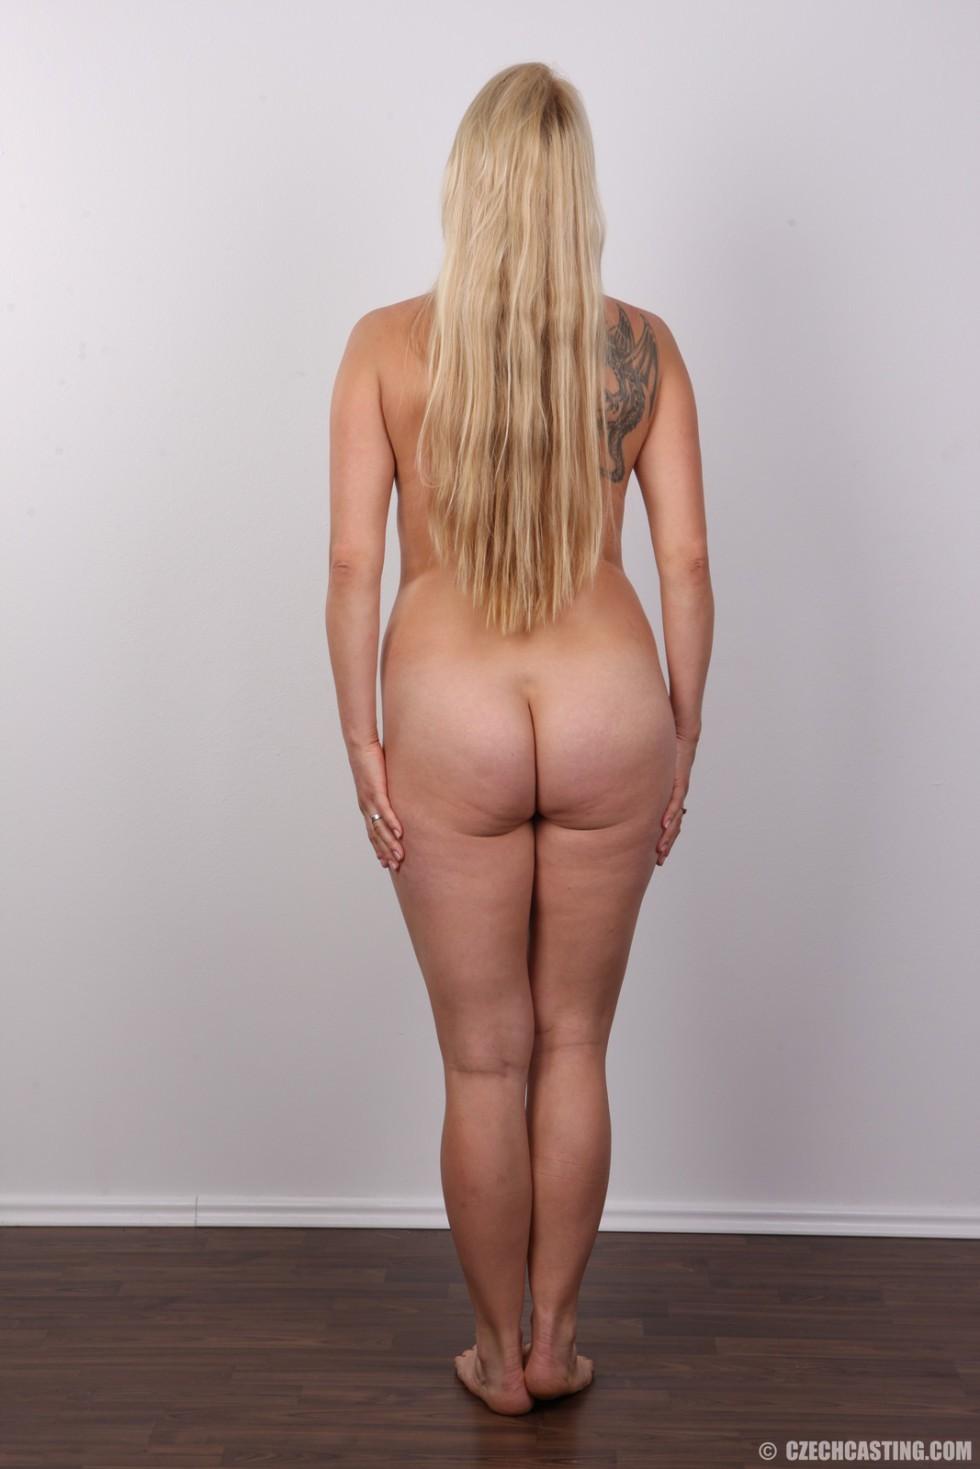 Фигуристые женщины - Порно галерея № 3473205